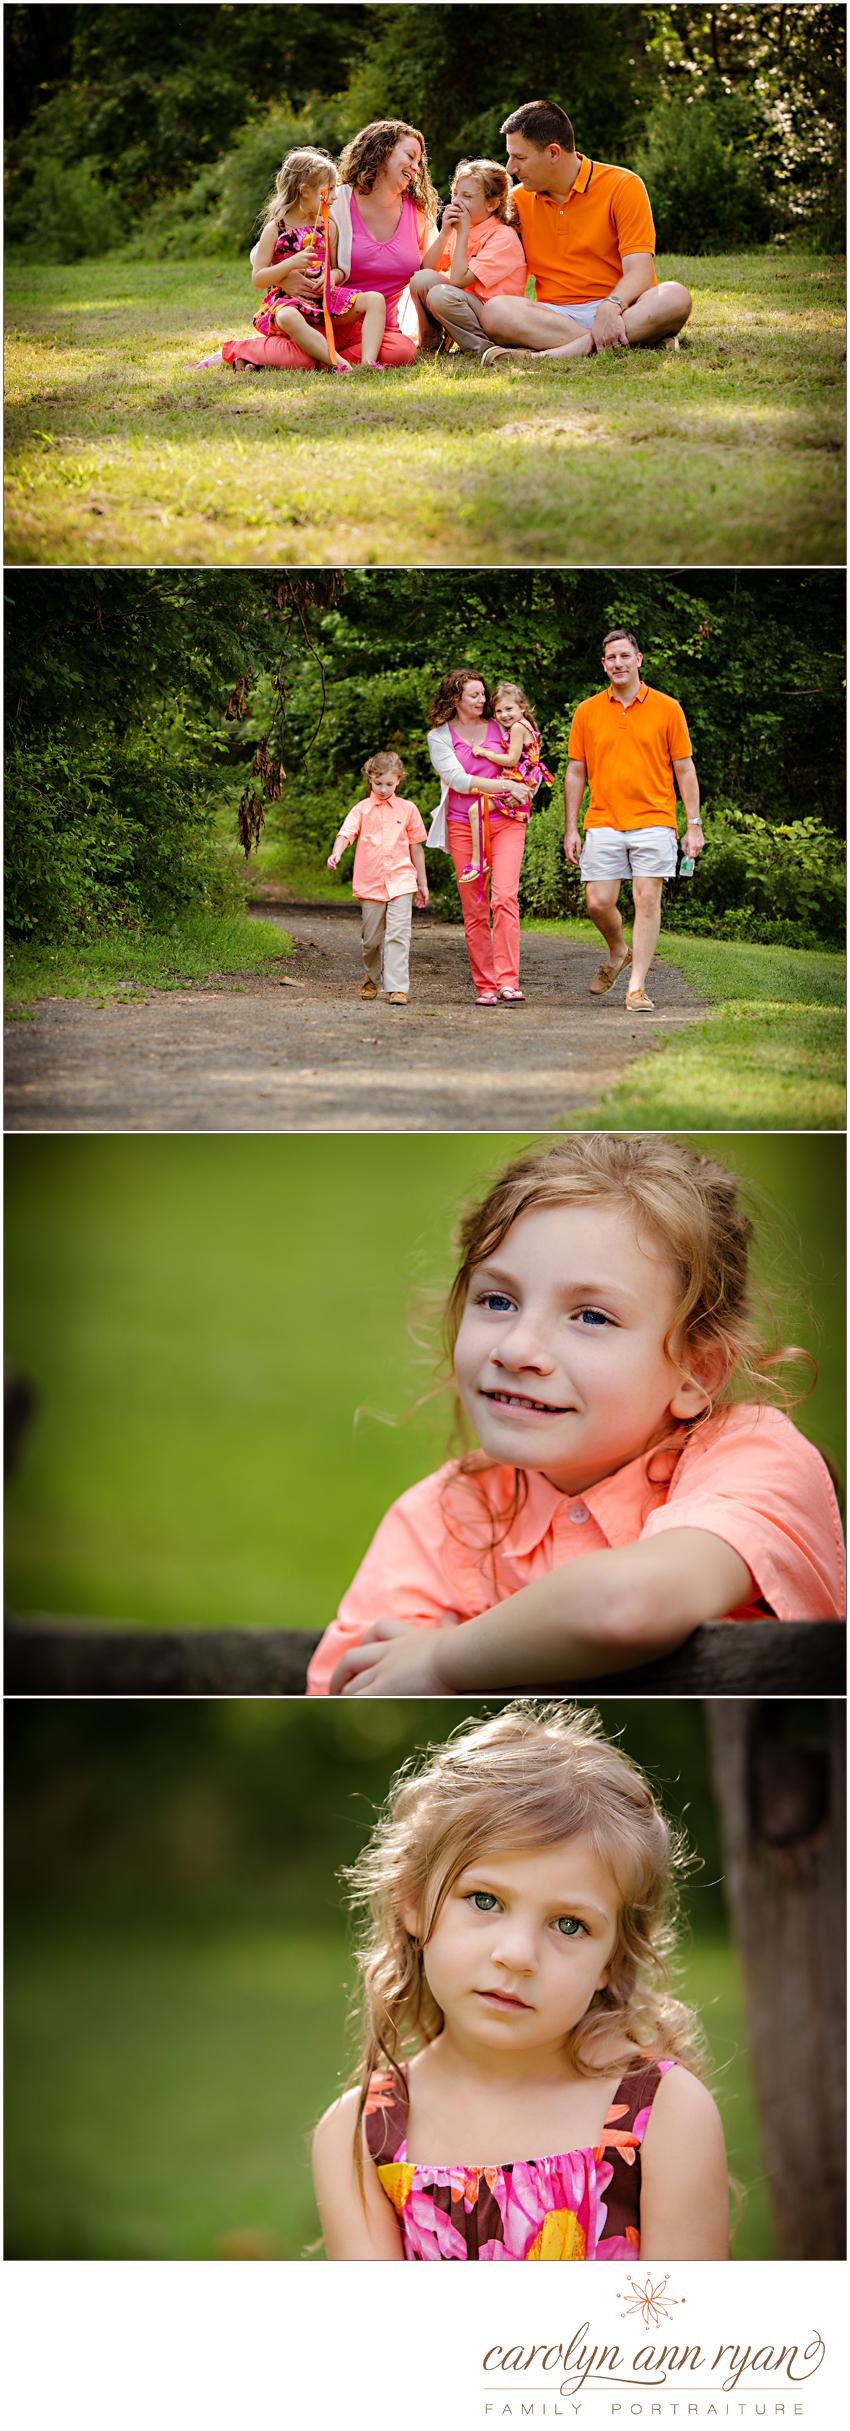 Sunny Marvin, NC Family Portraits